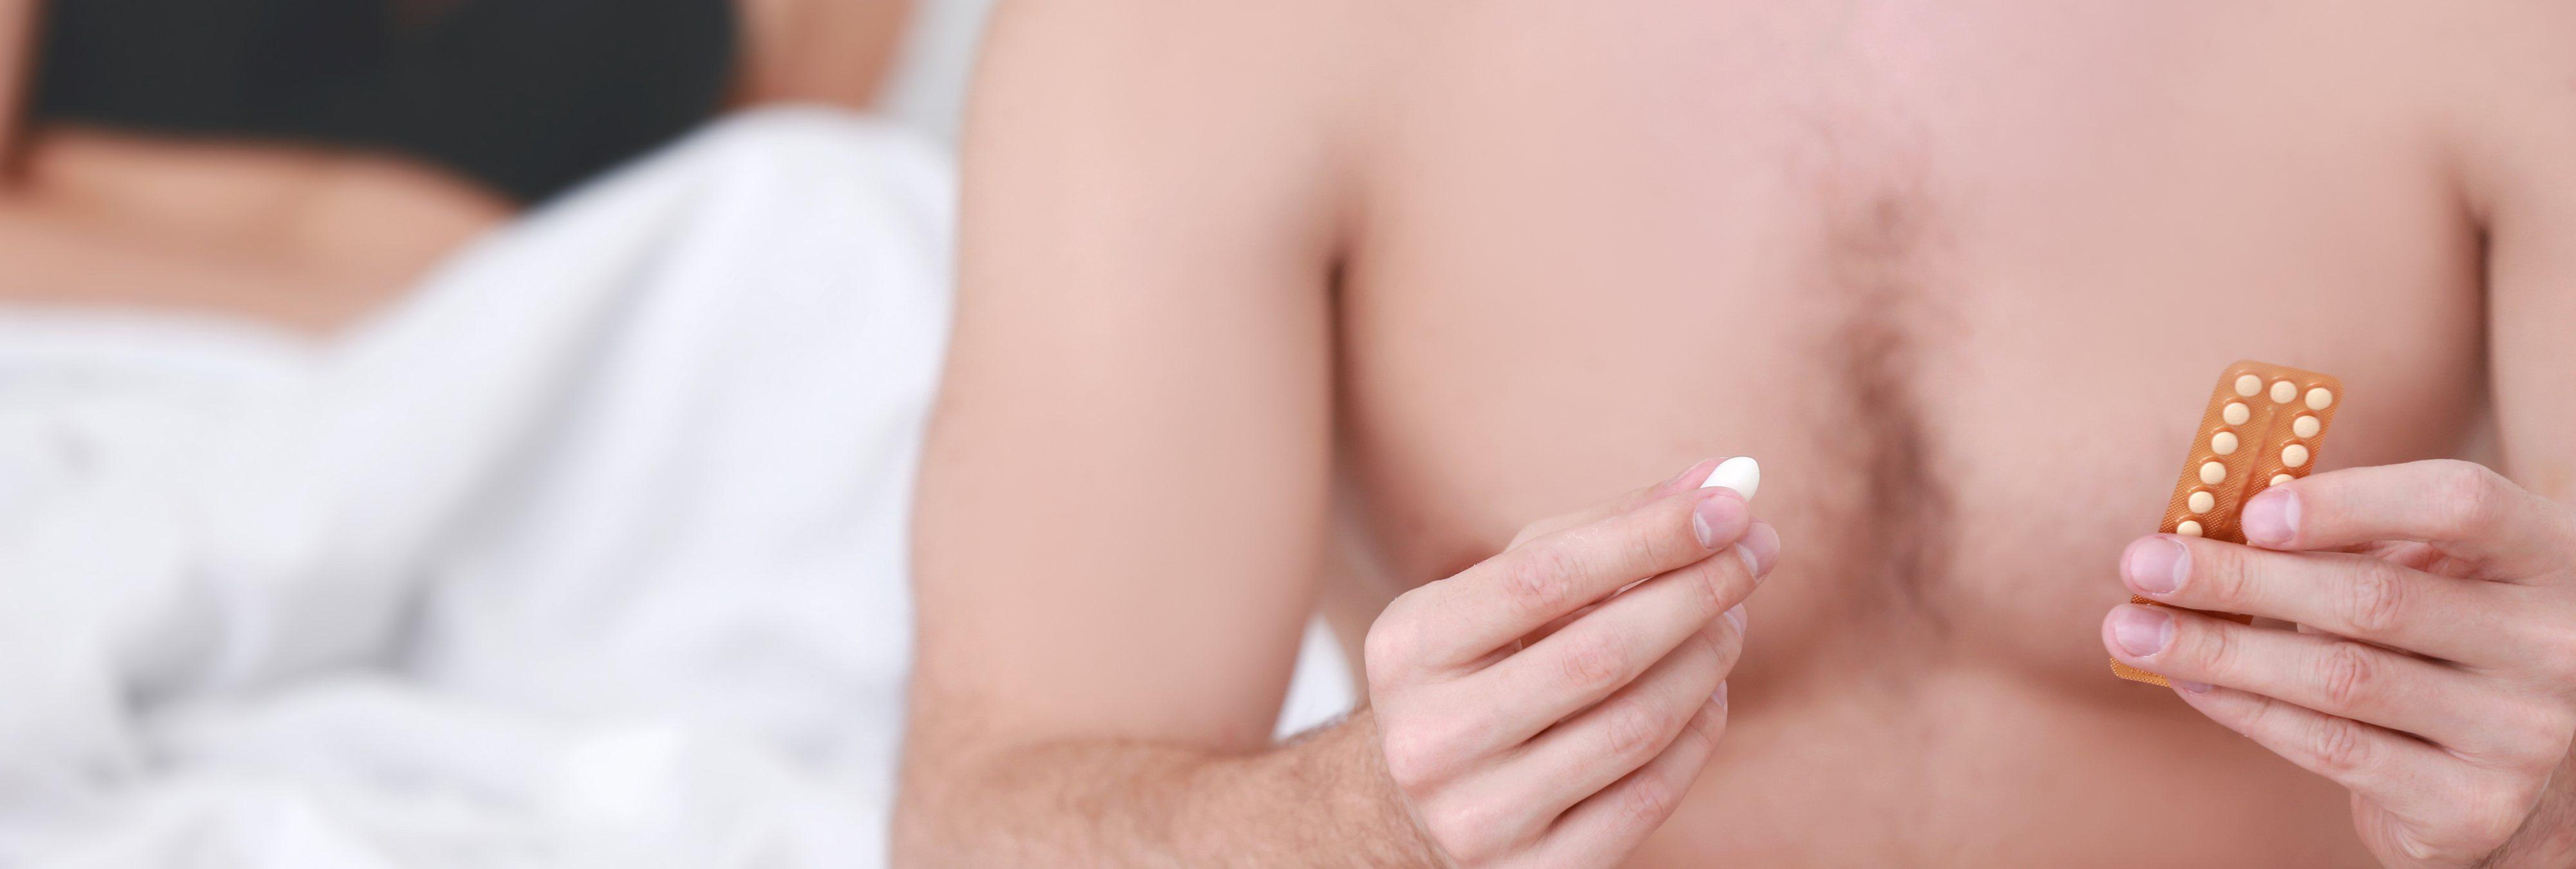 La píldora anticonceptiva para hombres es segura y eficaz: podría llegar muy pronto